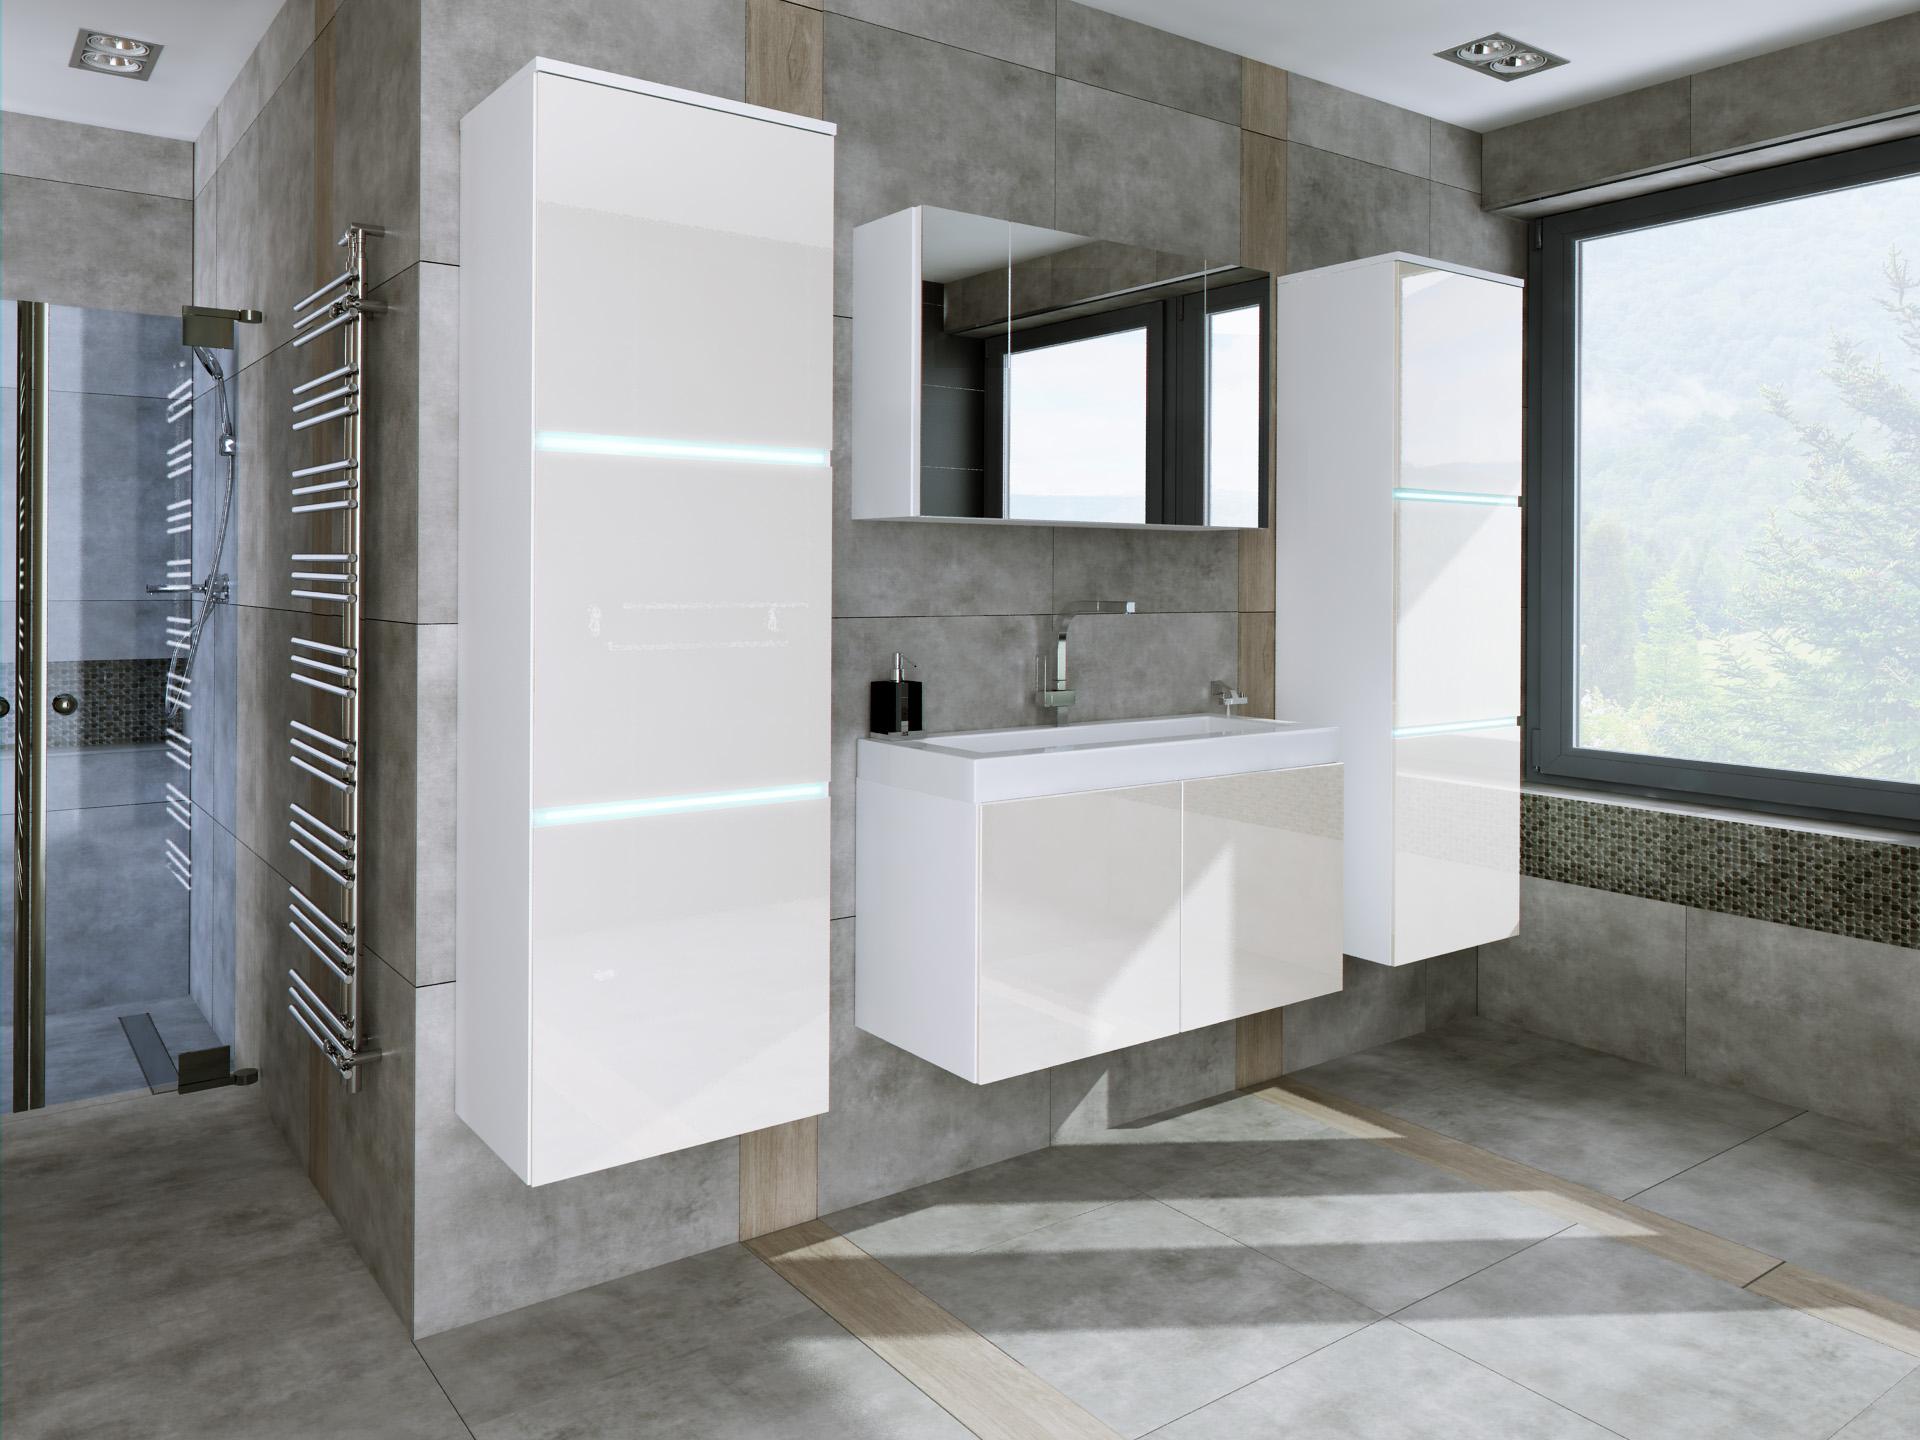 łazienka W 3 Vanilia Połysk Szafka Lustrzana 80